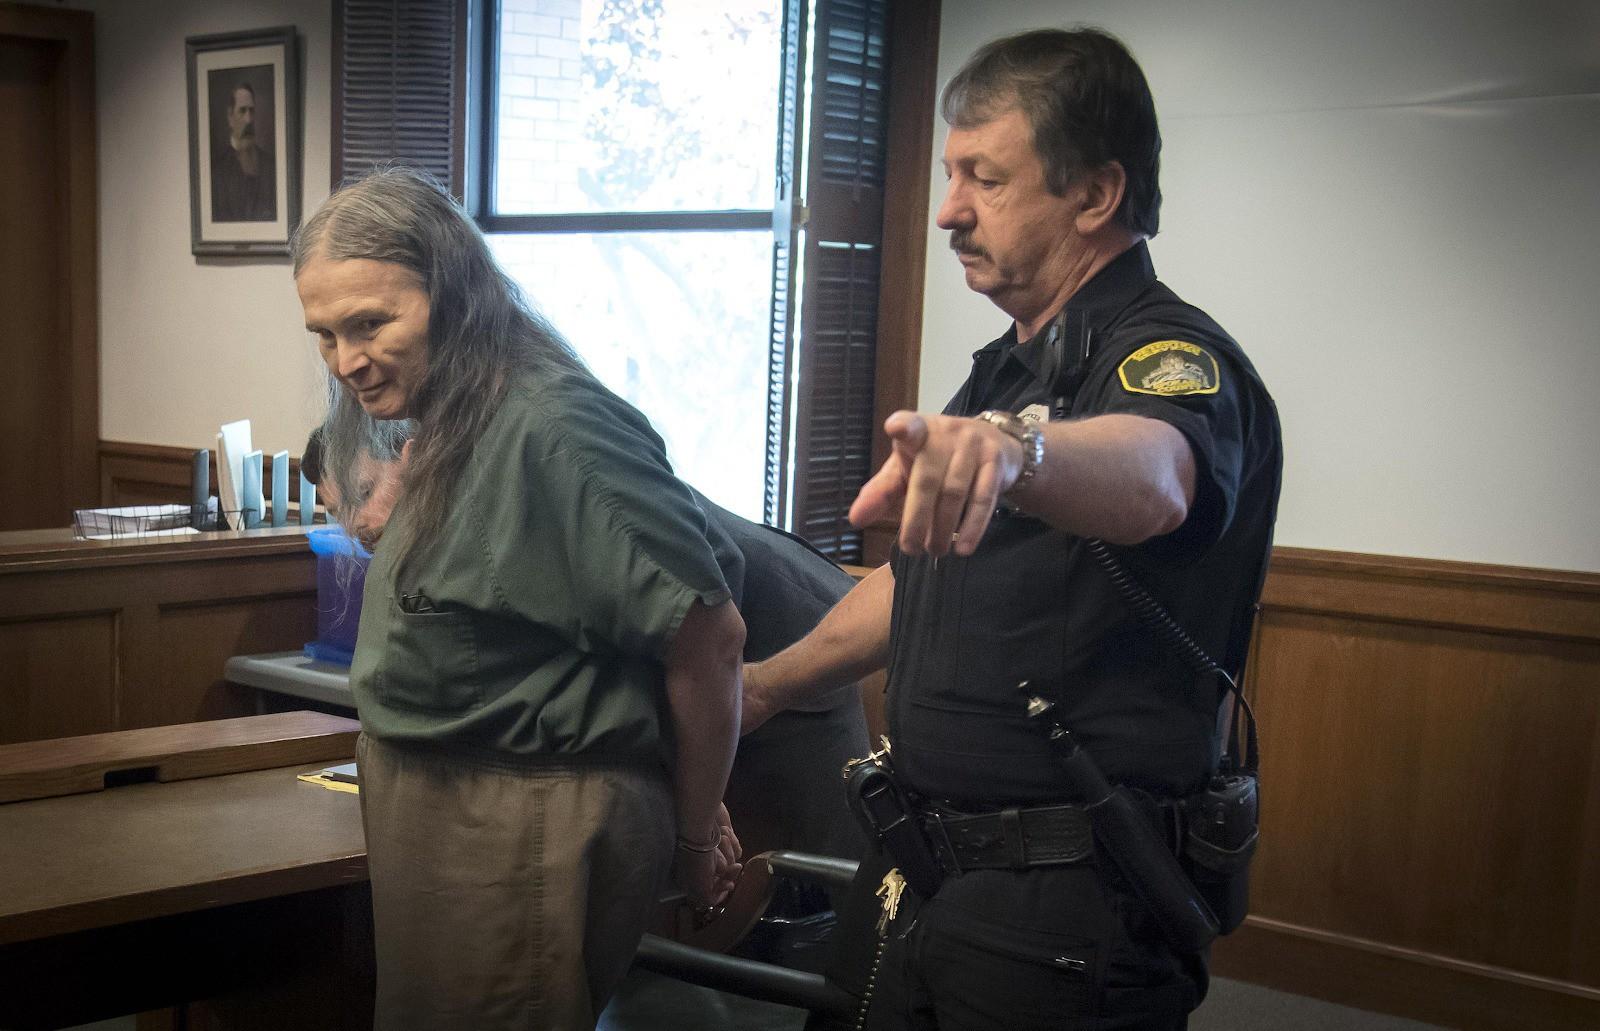 Kẻ sát nhân hàng loạt bị bắt sau 27 năm lẩn trốn: Sát hại 3 người rồi đi chuyển giới để ngăn bản thân dừng giết chóc - Ảnh 5.